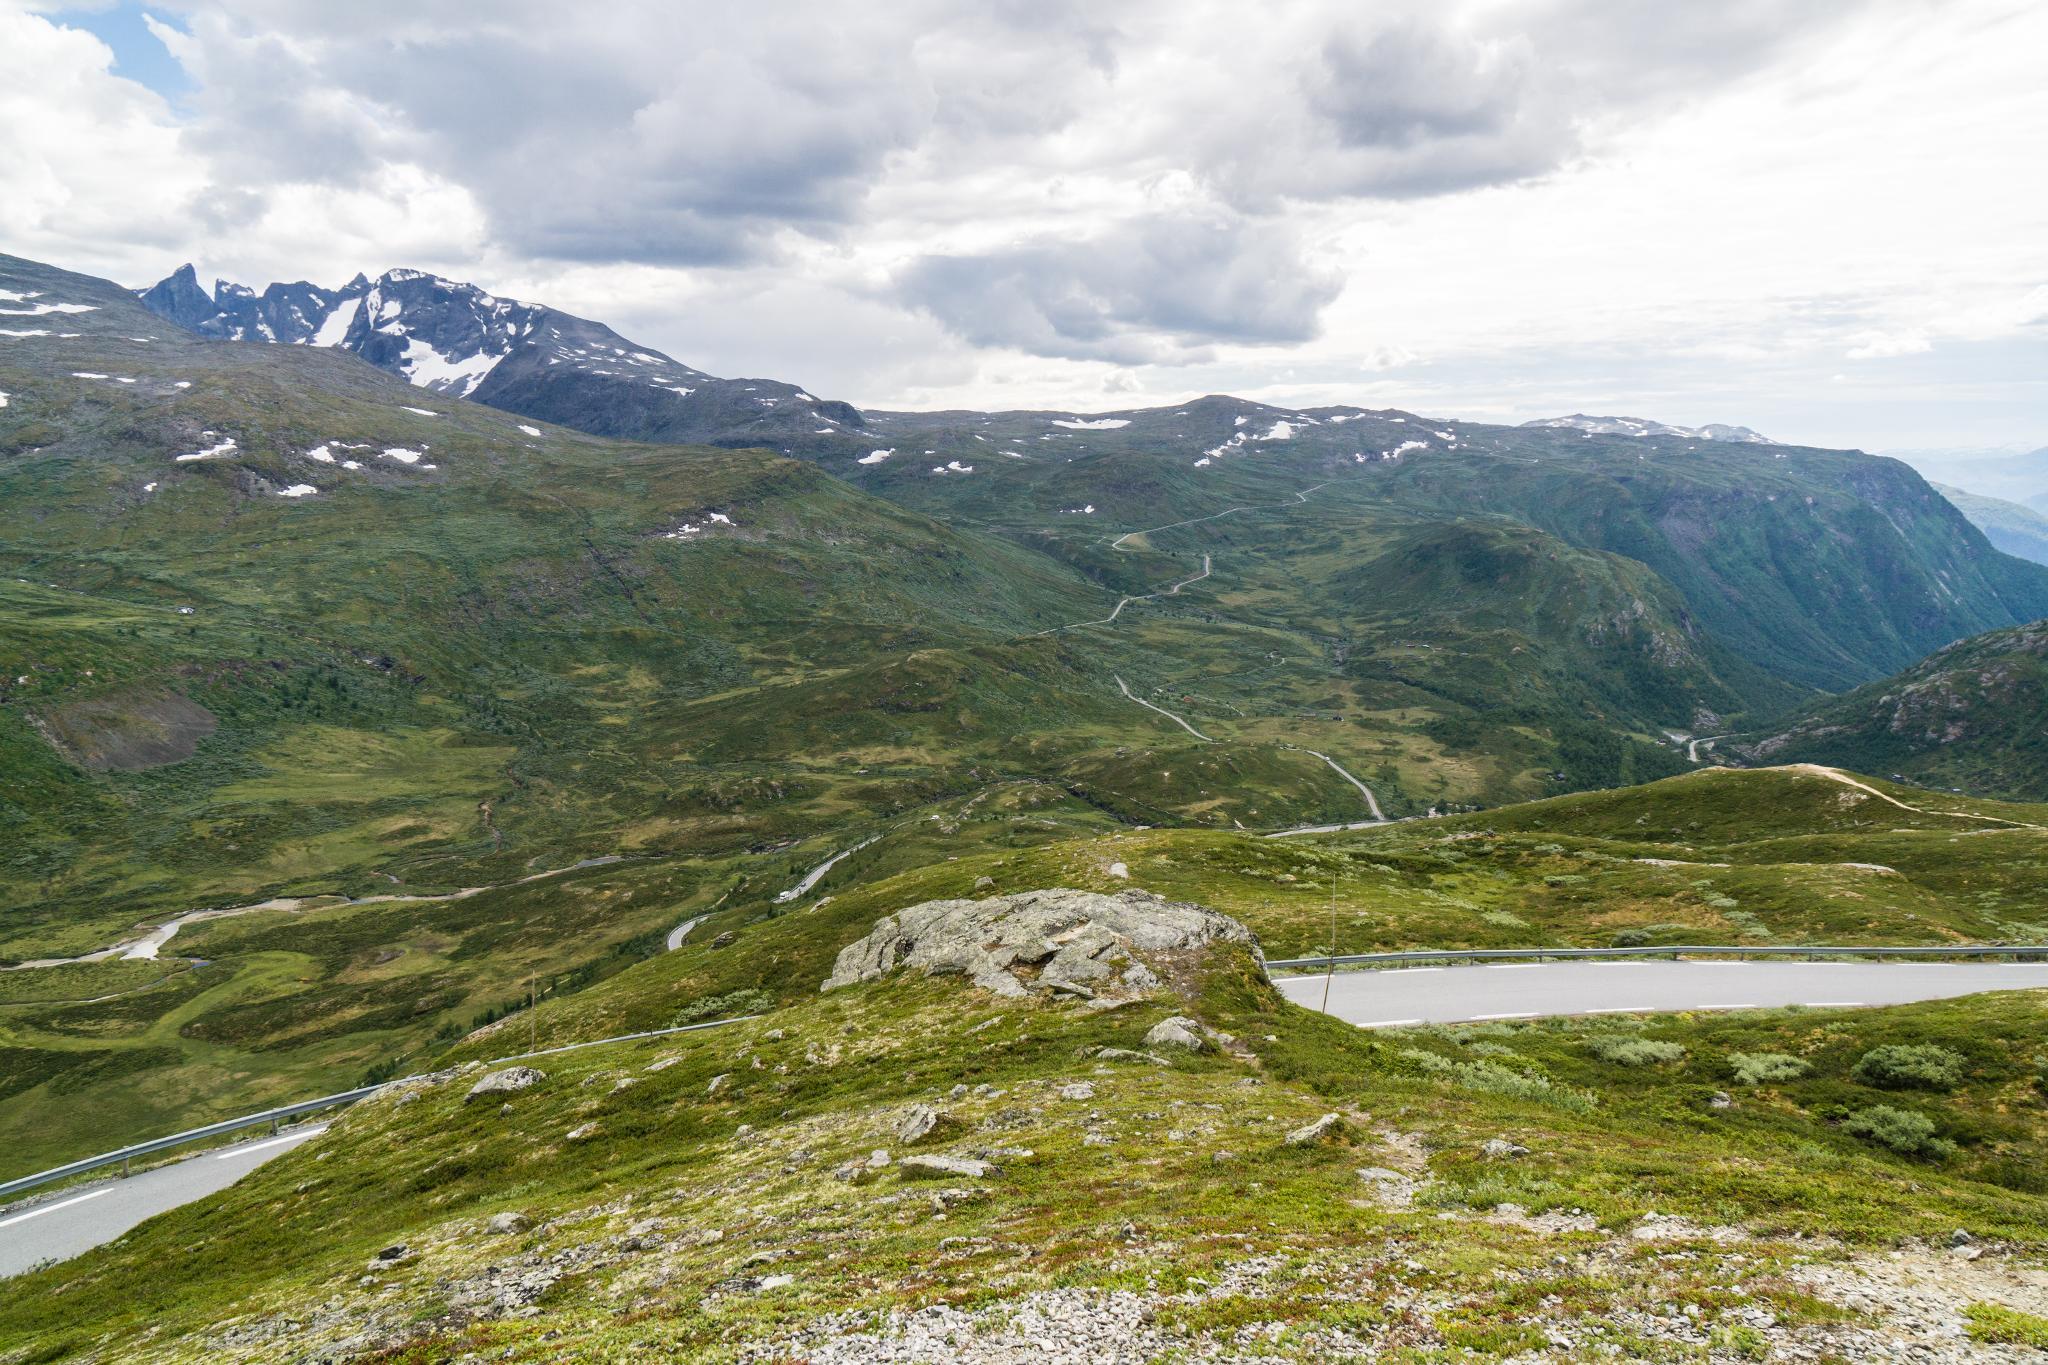 【北歐景點】穿越挪威的屋脊 - 前進北歐最美的冰原景觀公路 Fv55松恩山路 (Sognefjellet) 37